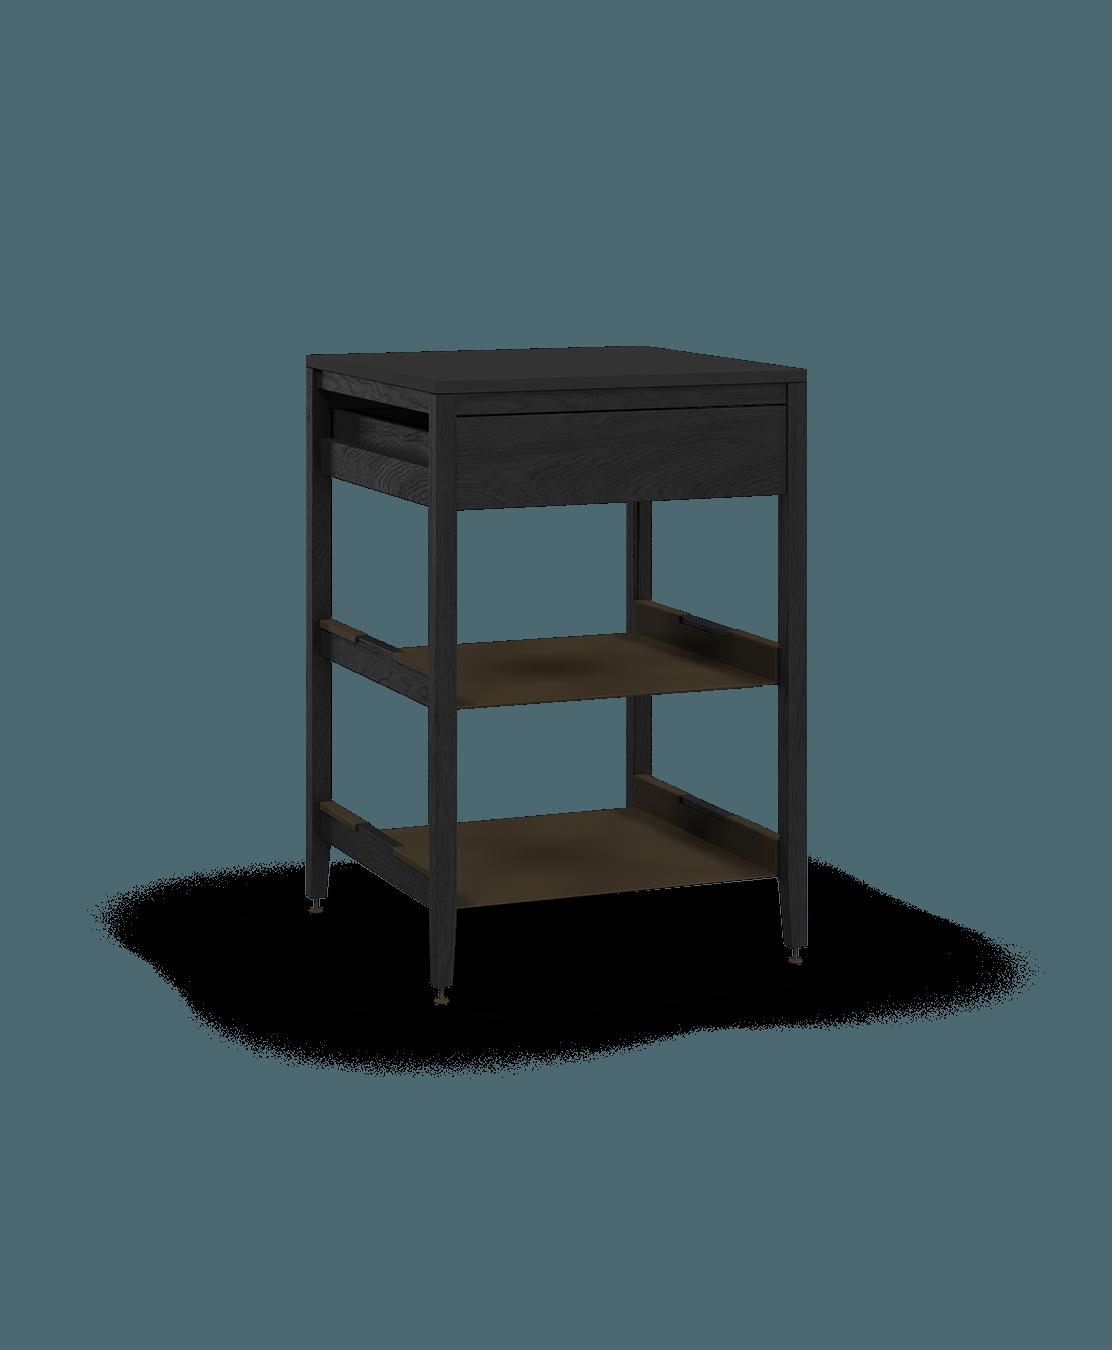 armoire de cuisine modulaire inférieure en bois massif coquo radix avec 2 tablettes 1 tiroir chêne teint noir nuit profonde 27 pouces C1-C-27SB-1021-BK